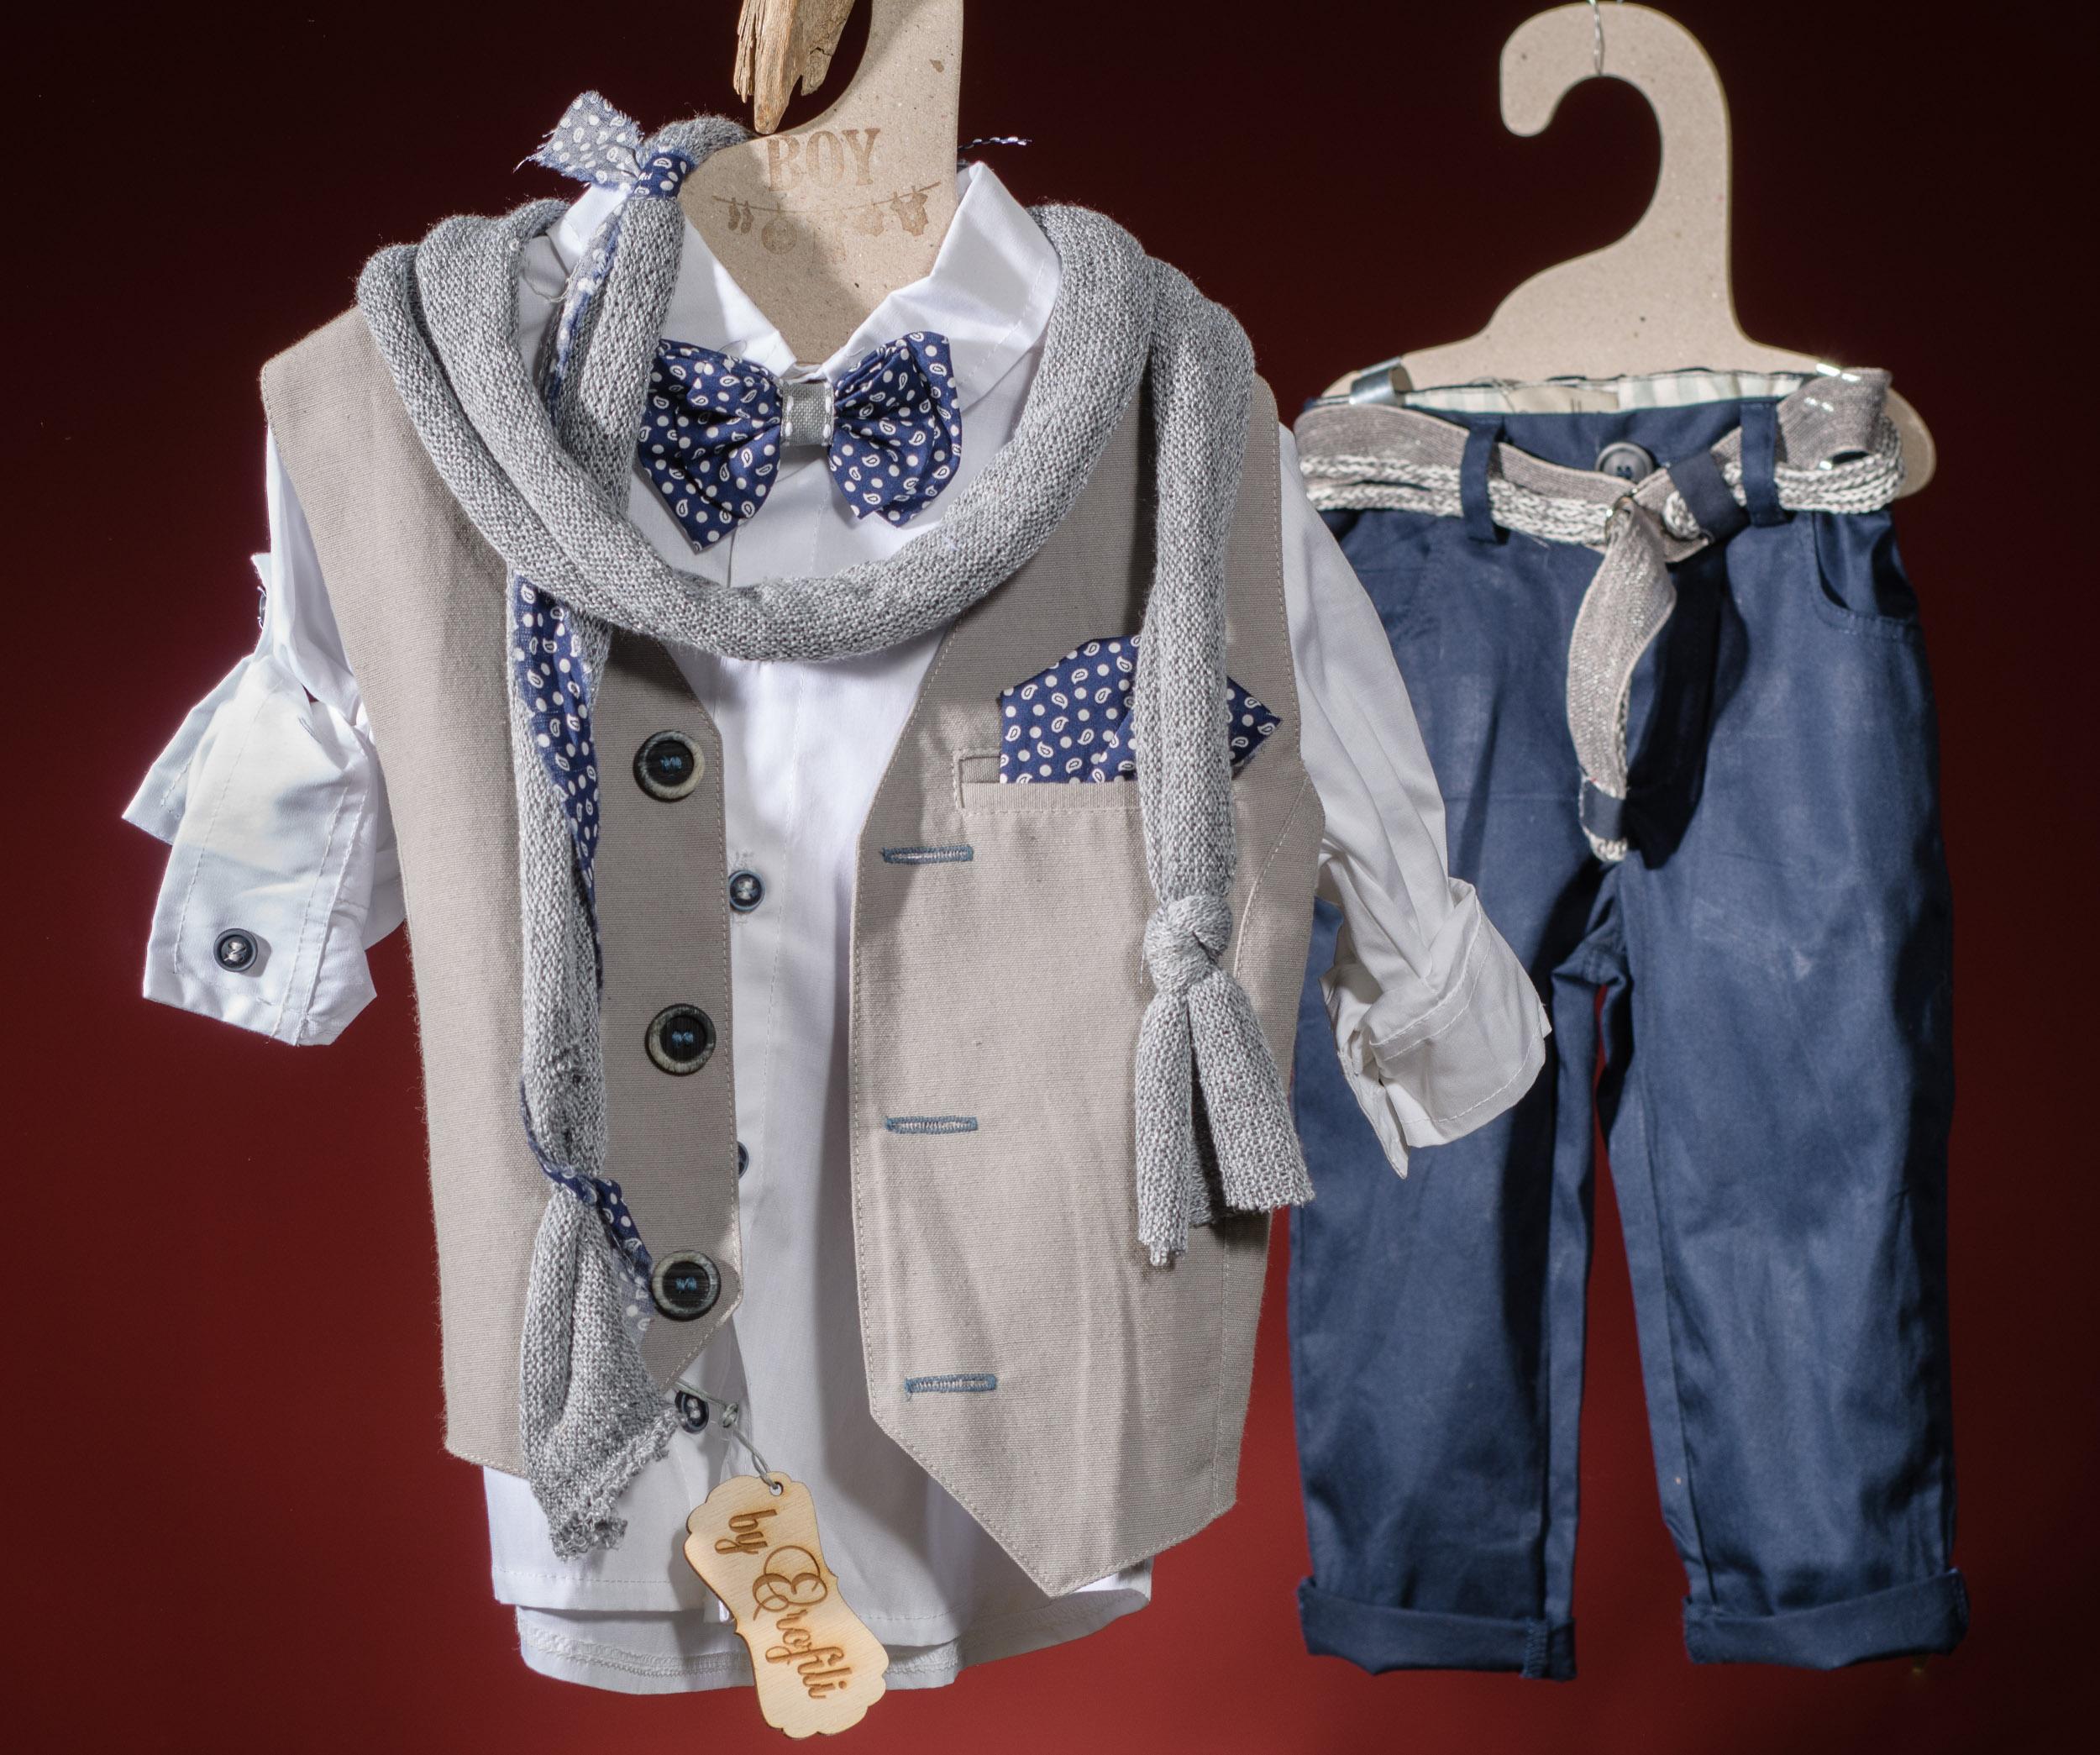 Ένα χαλαρό βαφτιστικό σετ για αγόρι σε συνδυασμό μπλε και μπεζ που περιλαμβάνει: Πουκάμισο λευκό Παντελόνι μπλε Πρωτότυπη ζώνη Γιλέκο με μαντηλάκι Παπιγιόν Φουλάρι αντρικό Για όσους βάζουν την άνεση ψηλά!